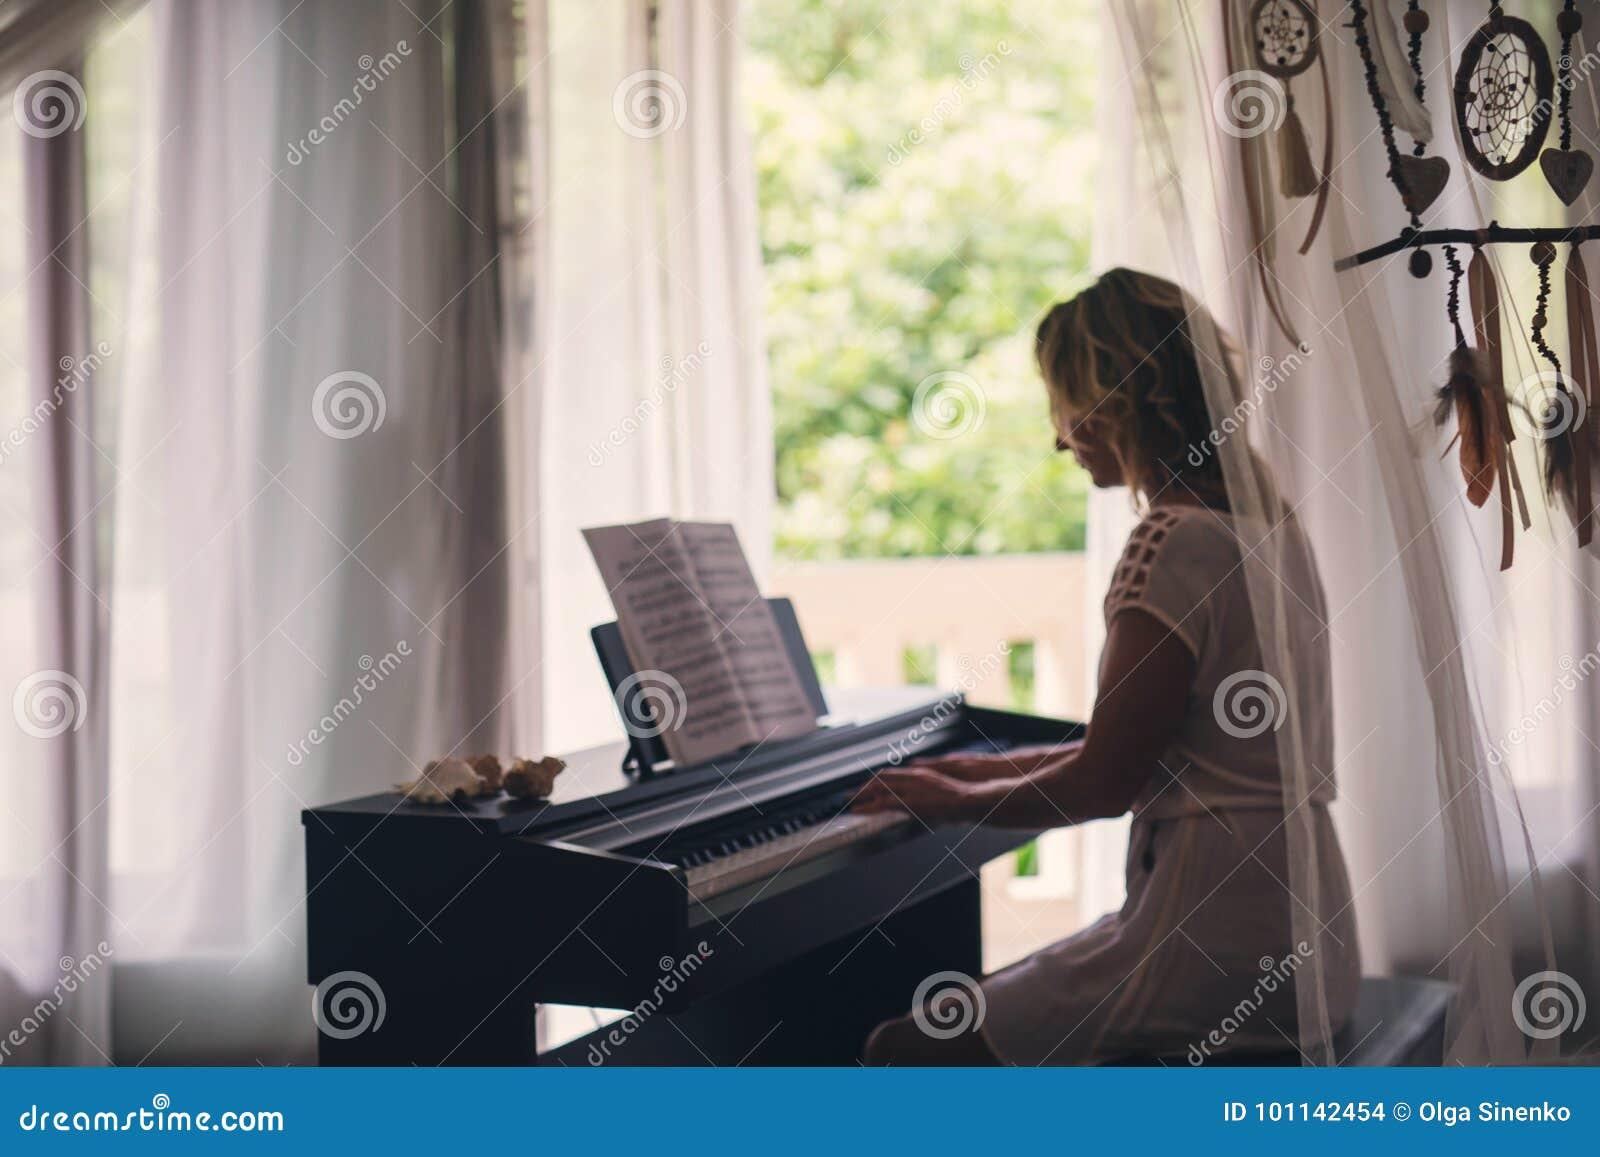 Beautiful Woman Playing Piano Stock Photo - Image of human